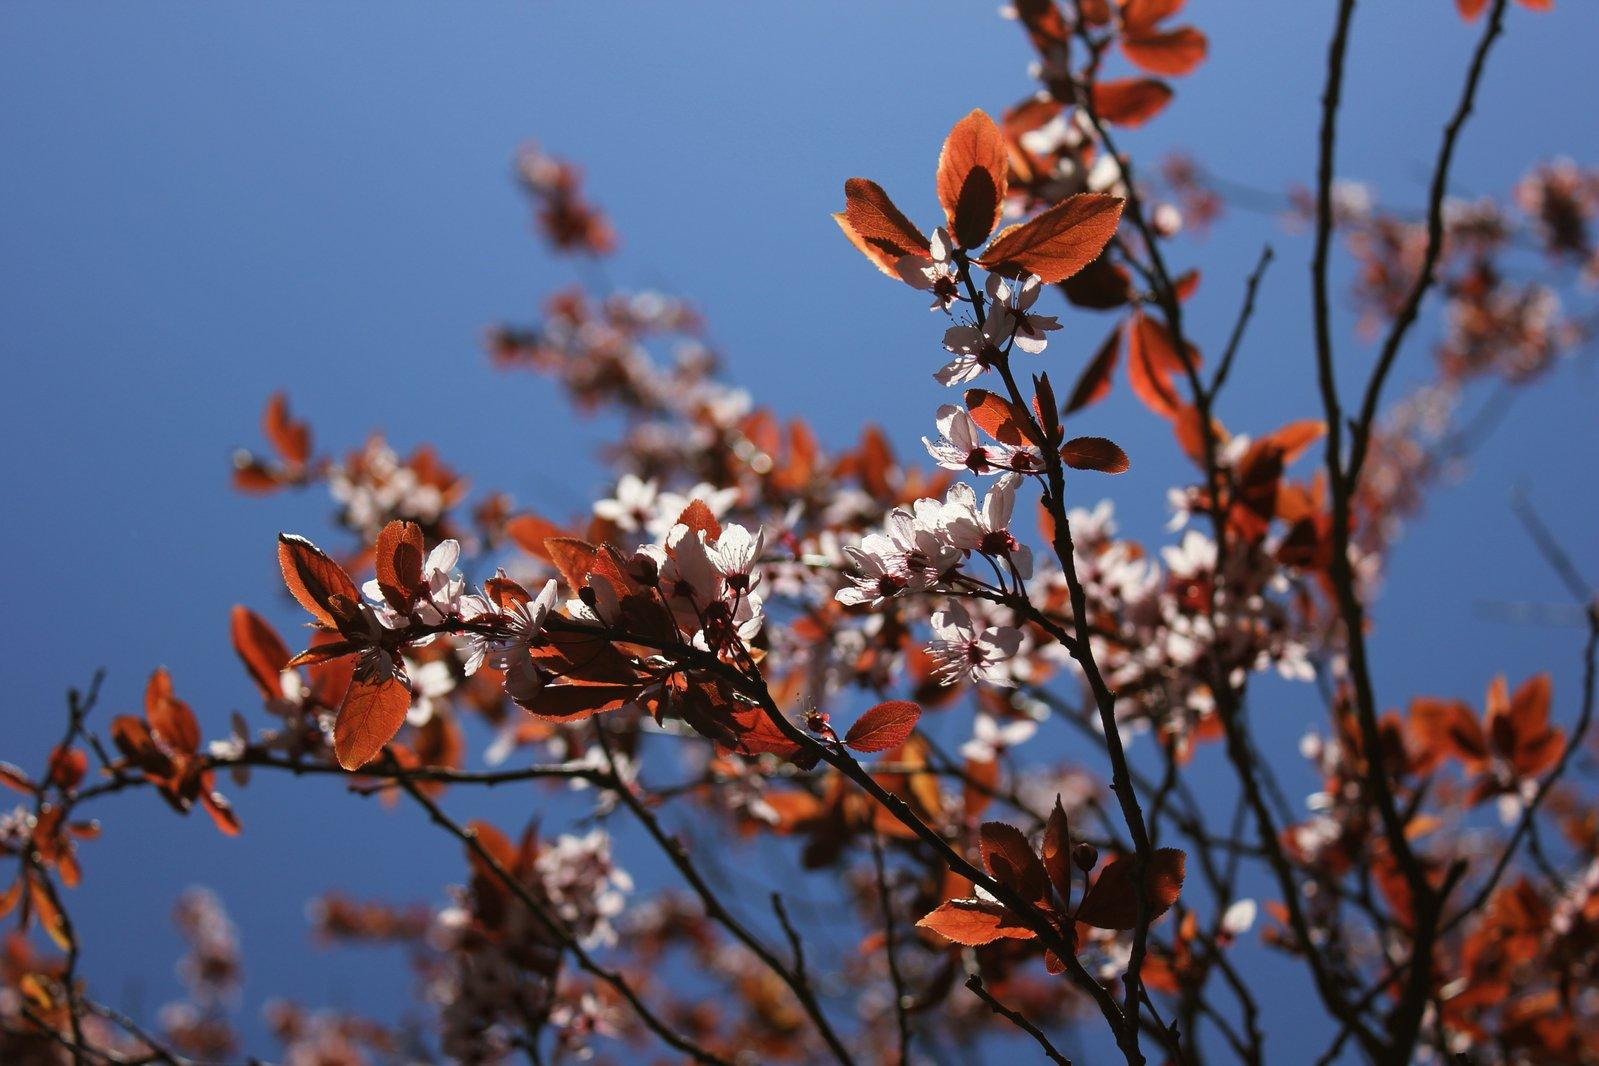 Arbol De Cerezo Japones free Árbol de cerezo japonés stock photo - freeimages